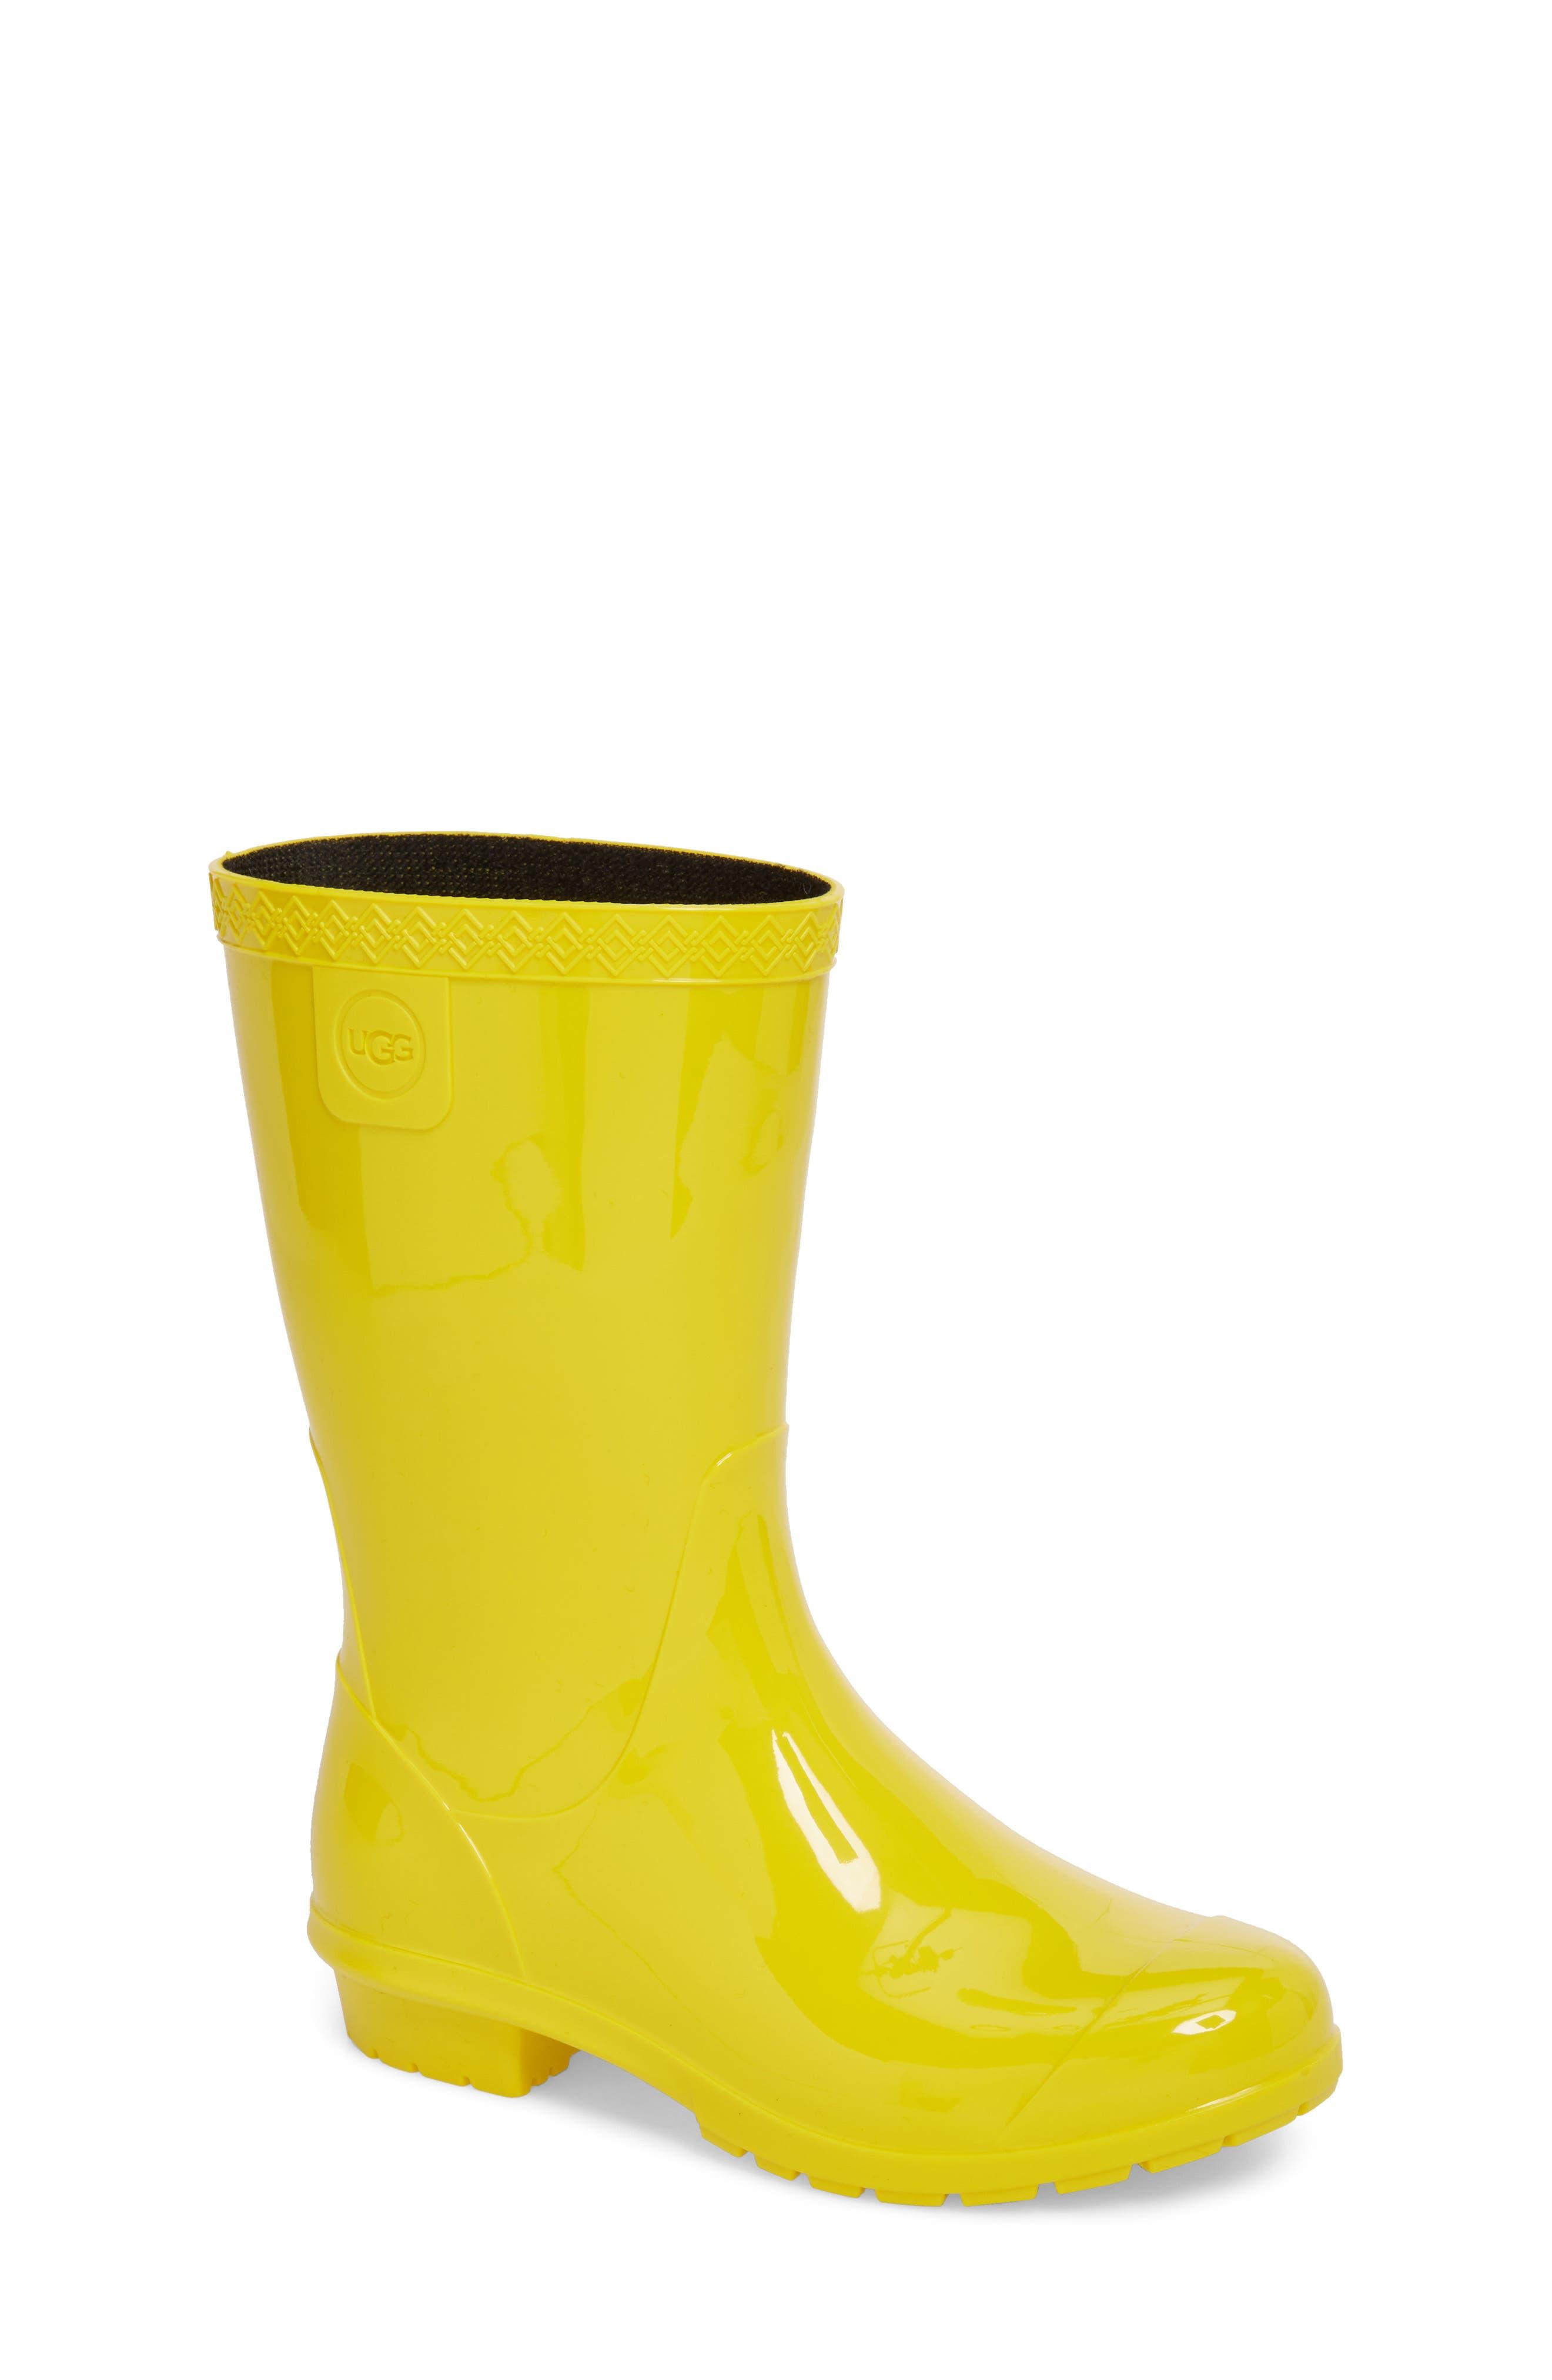 Raana Waterproof Rain Boot,                             Main thumbnail 1, color,                             Lemon Yellow